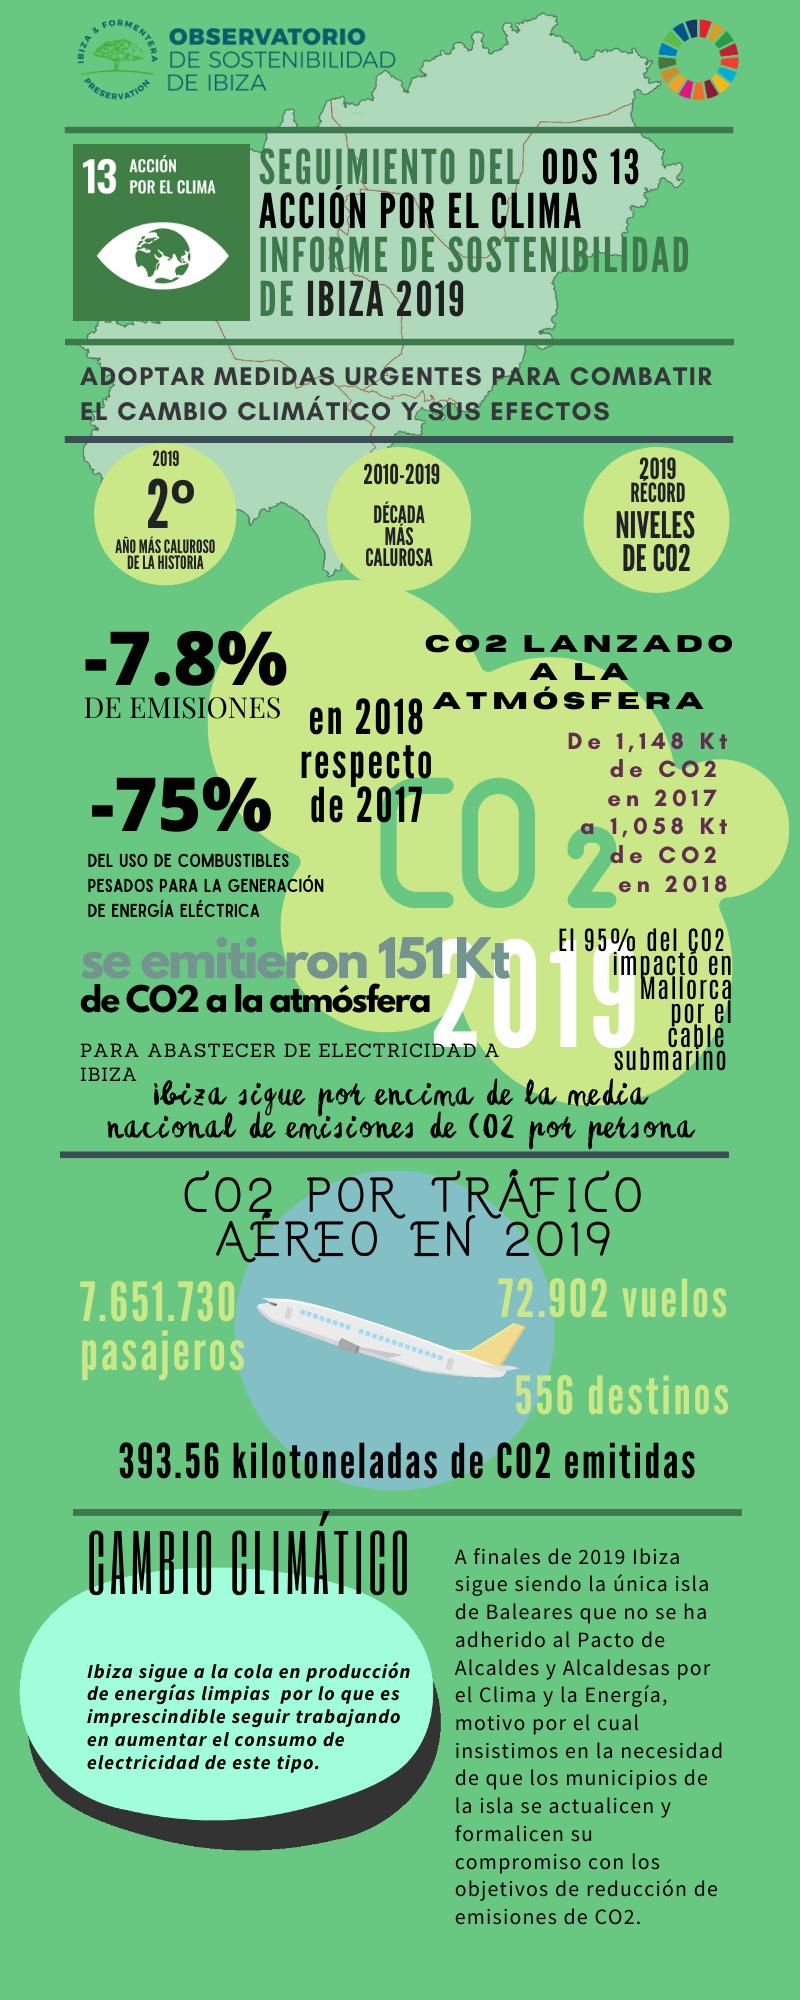 En 2019 se emitieron en total 151 Kt de CO2 a la atmósfera para abastecer de electricidad a Ibiza